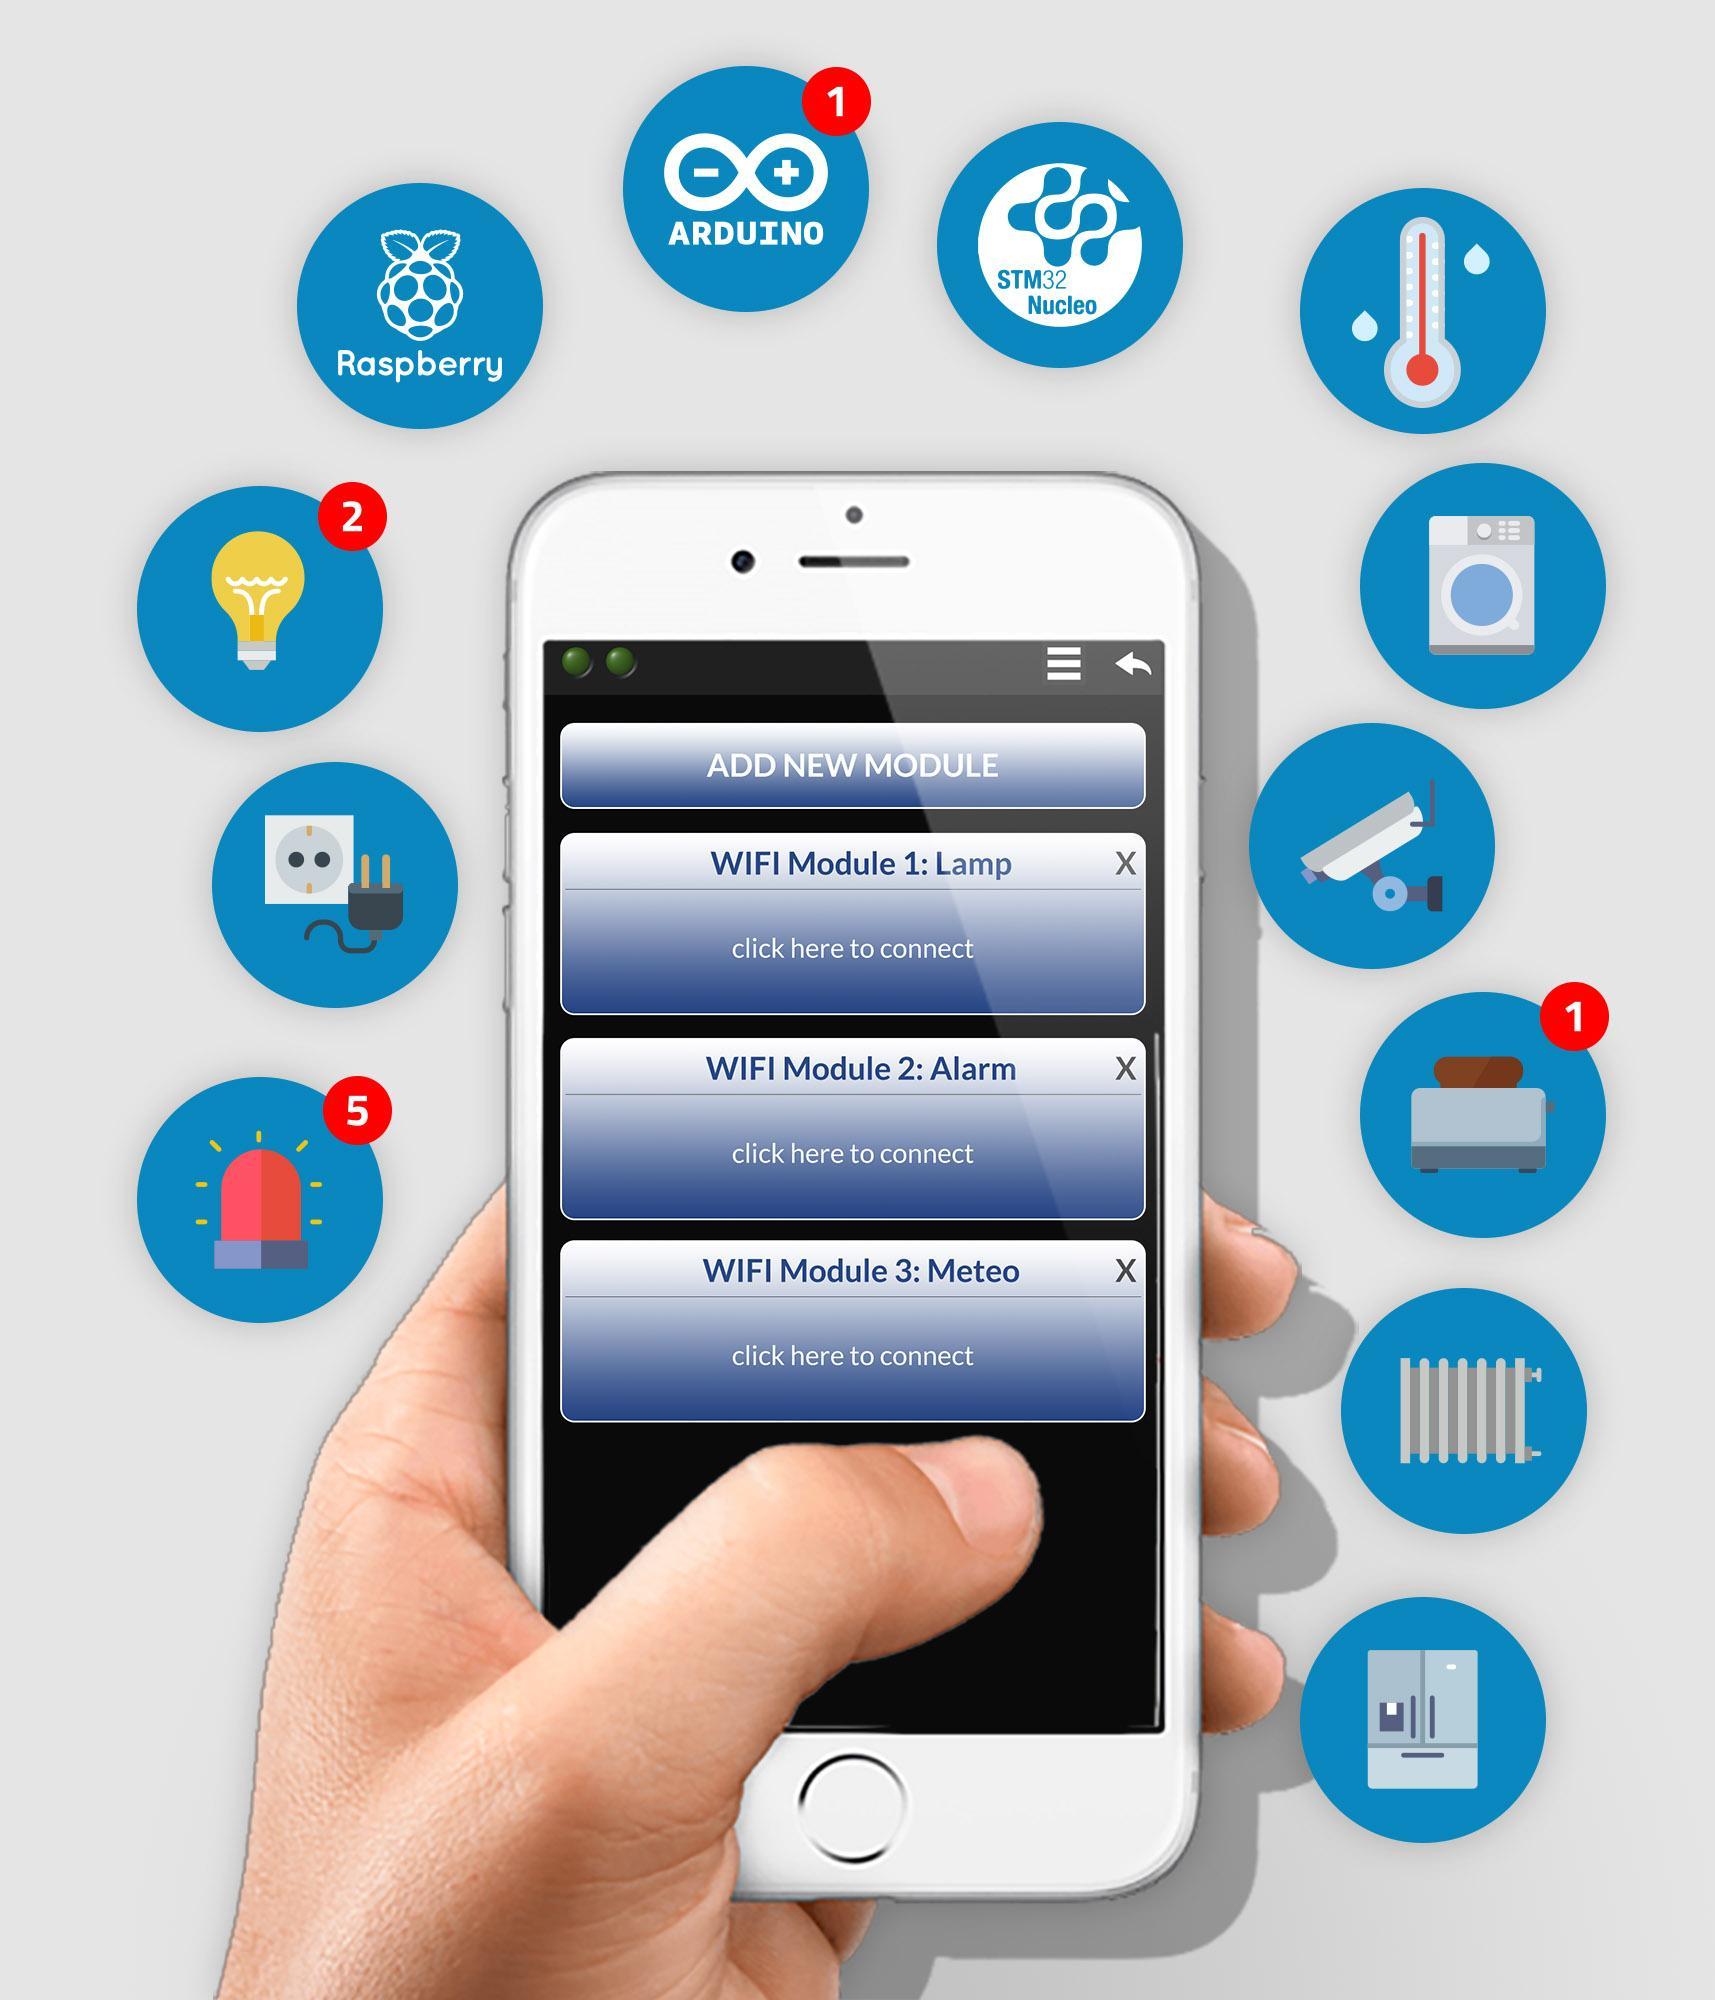 Sistema per controllare da remoto attraverso App qualunque sistema a microcontrollore